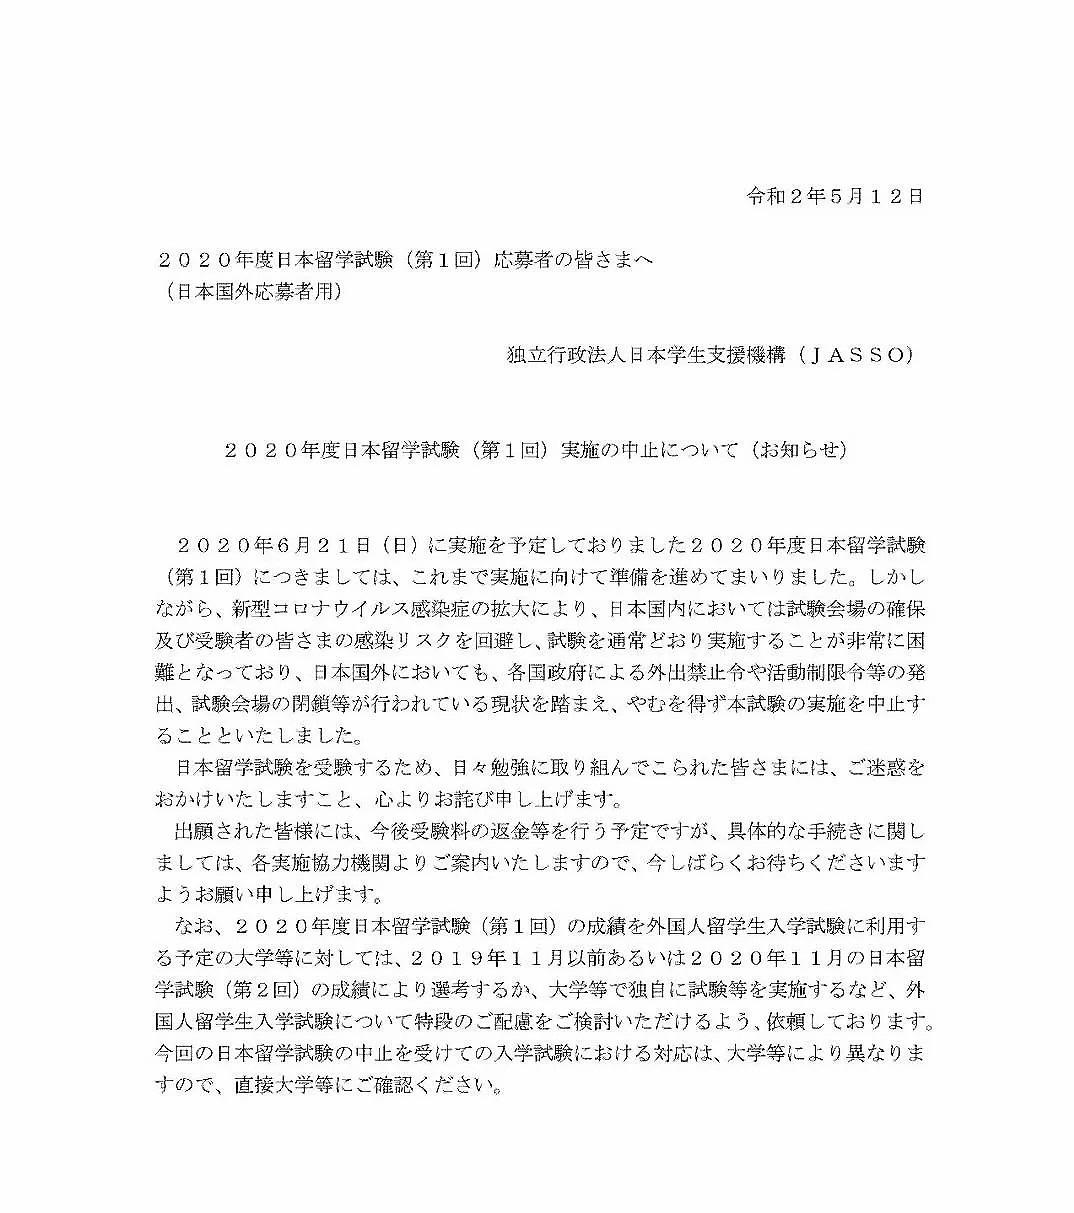 日本留学生考试通知